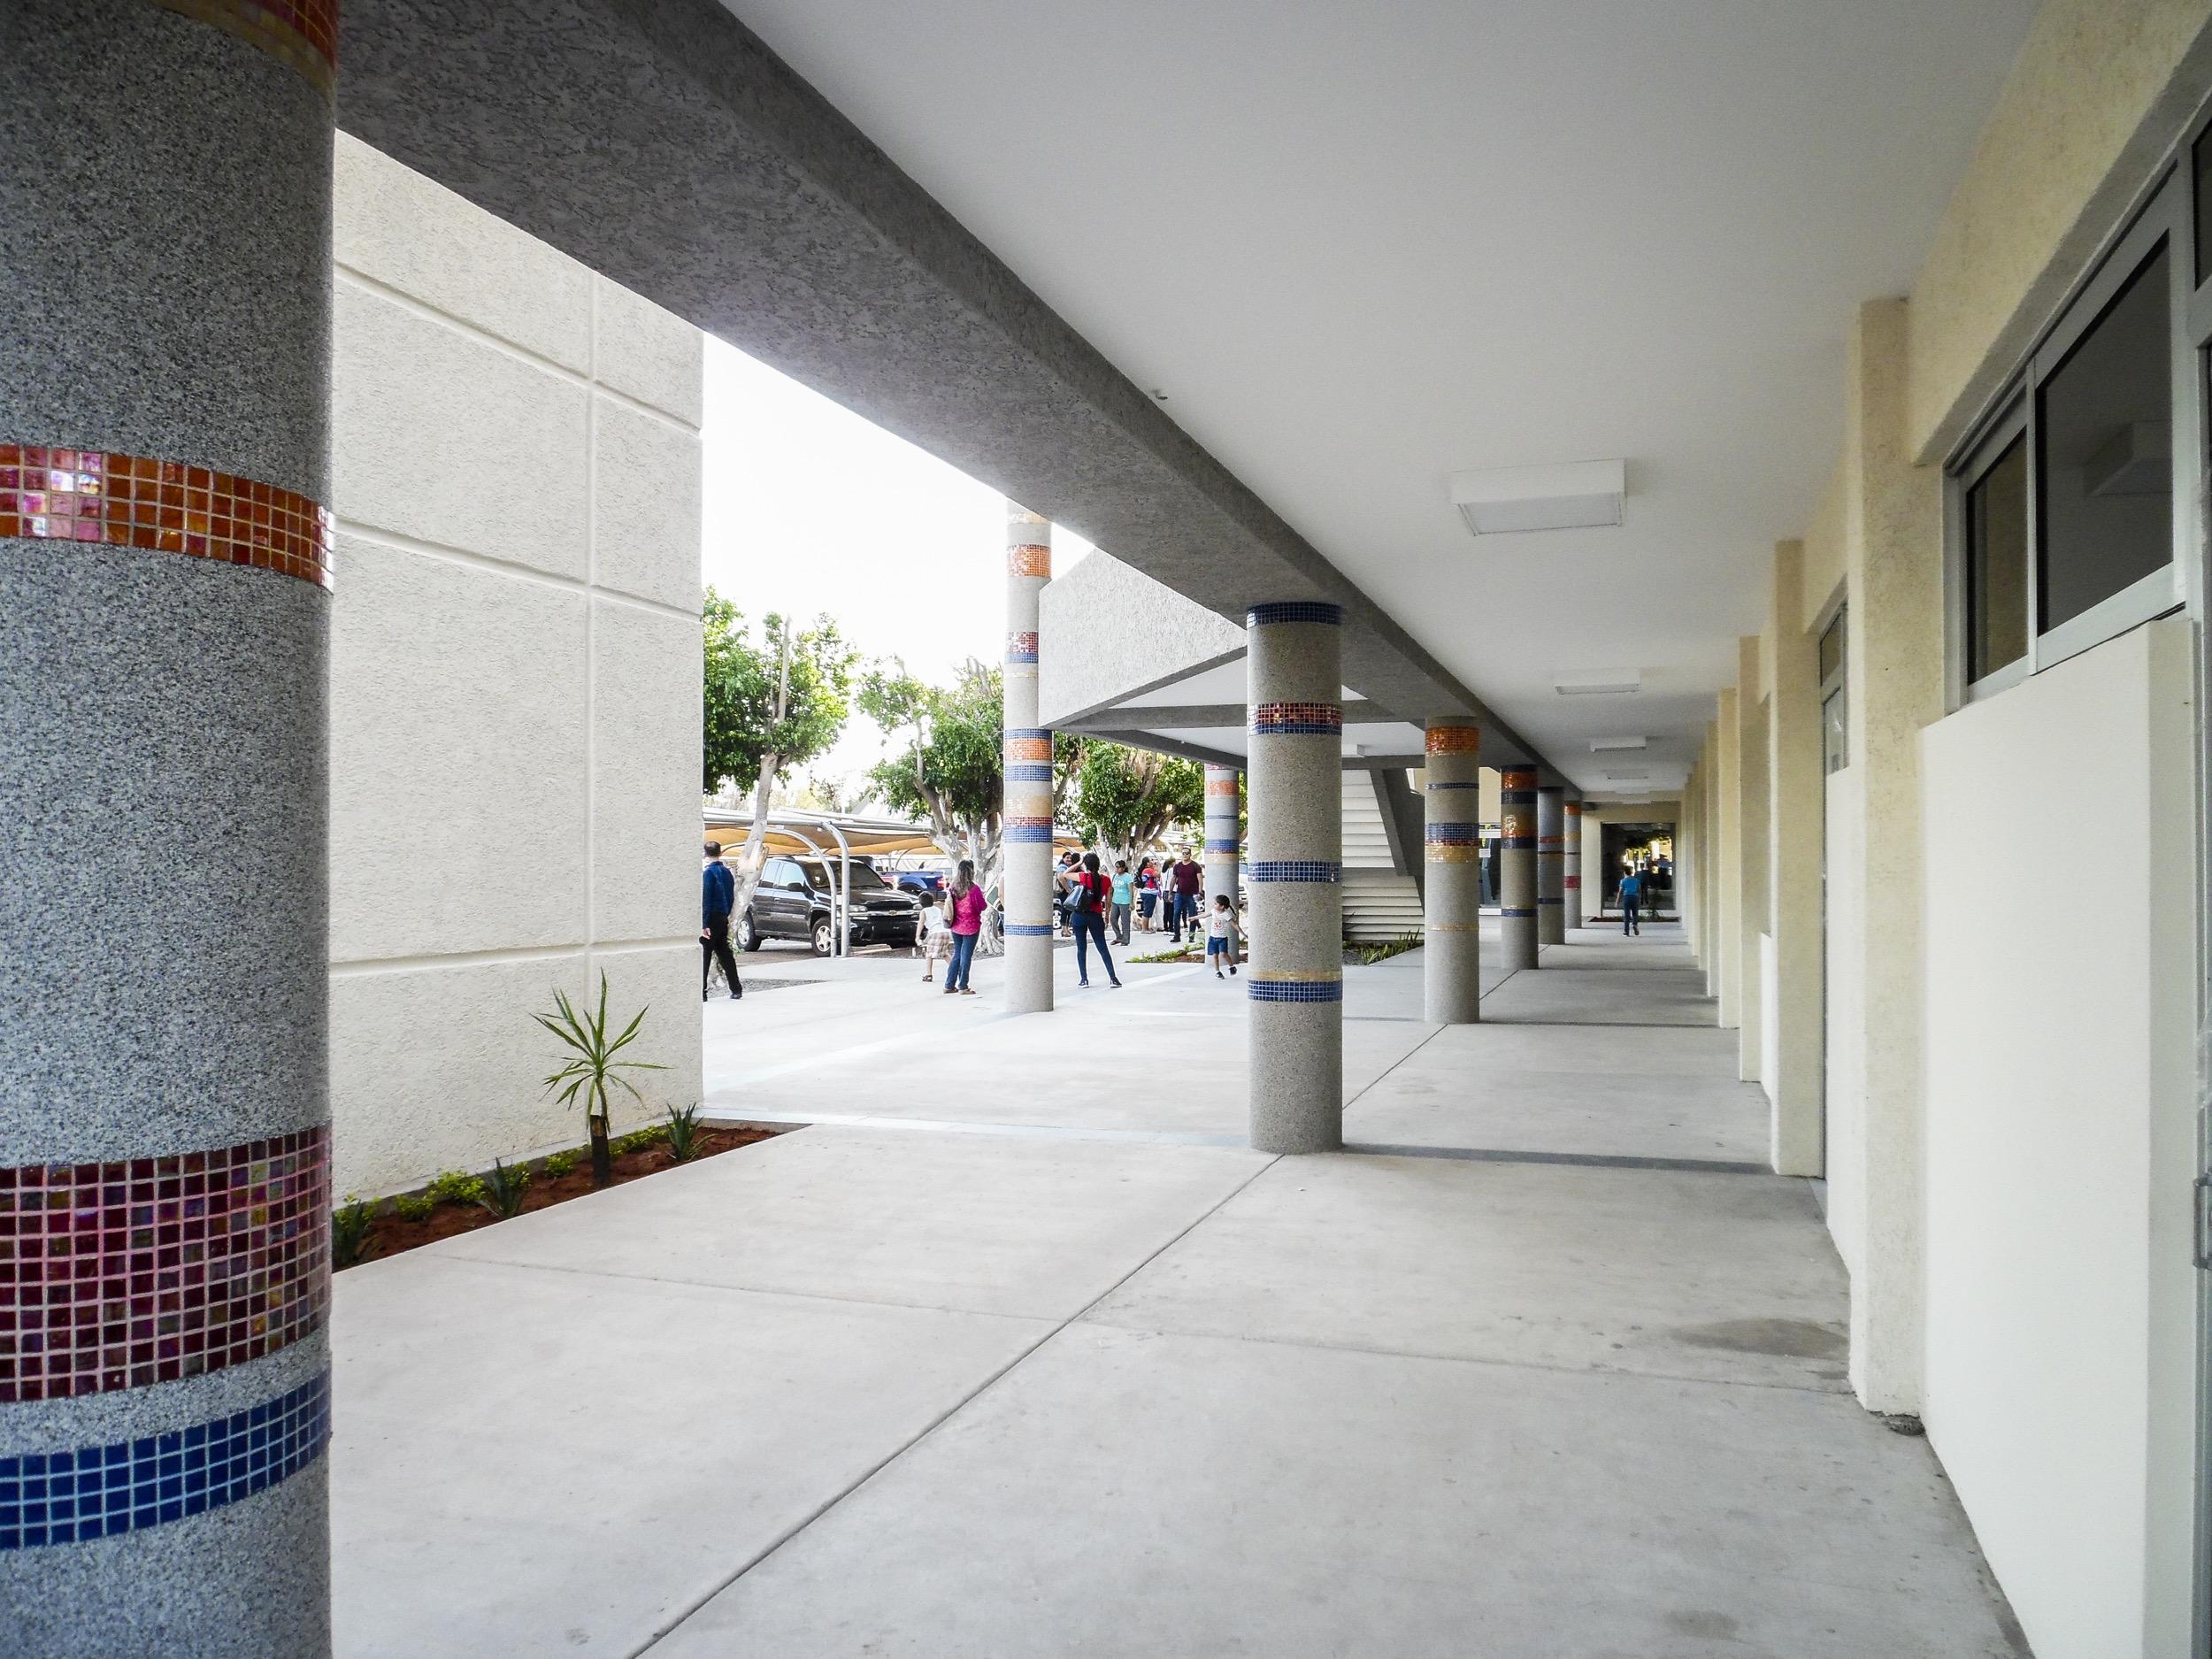 15-VBS-006 CENTRO DE IDIOMAS ITSON.jpg